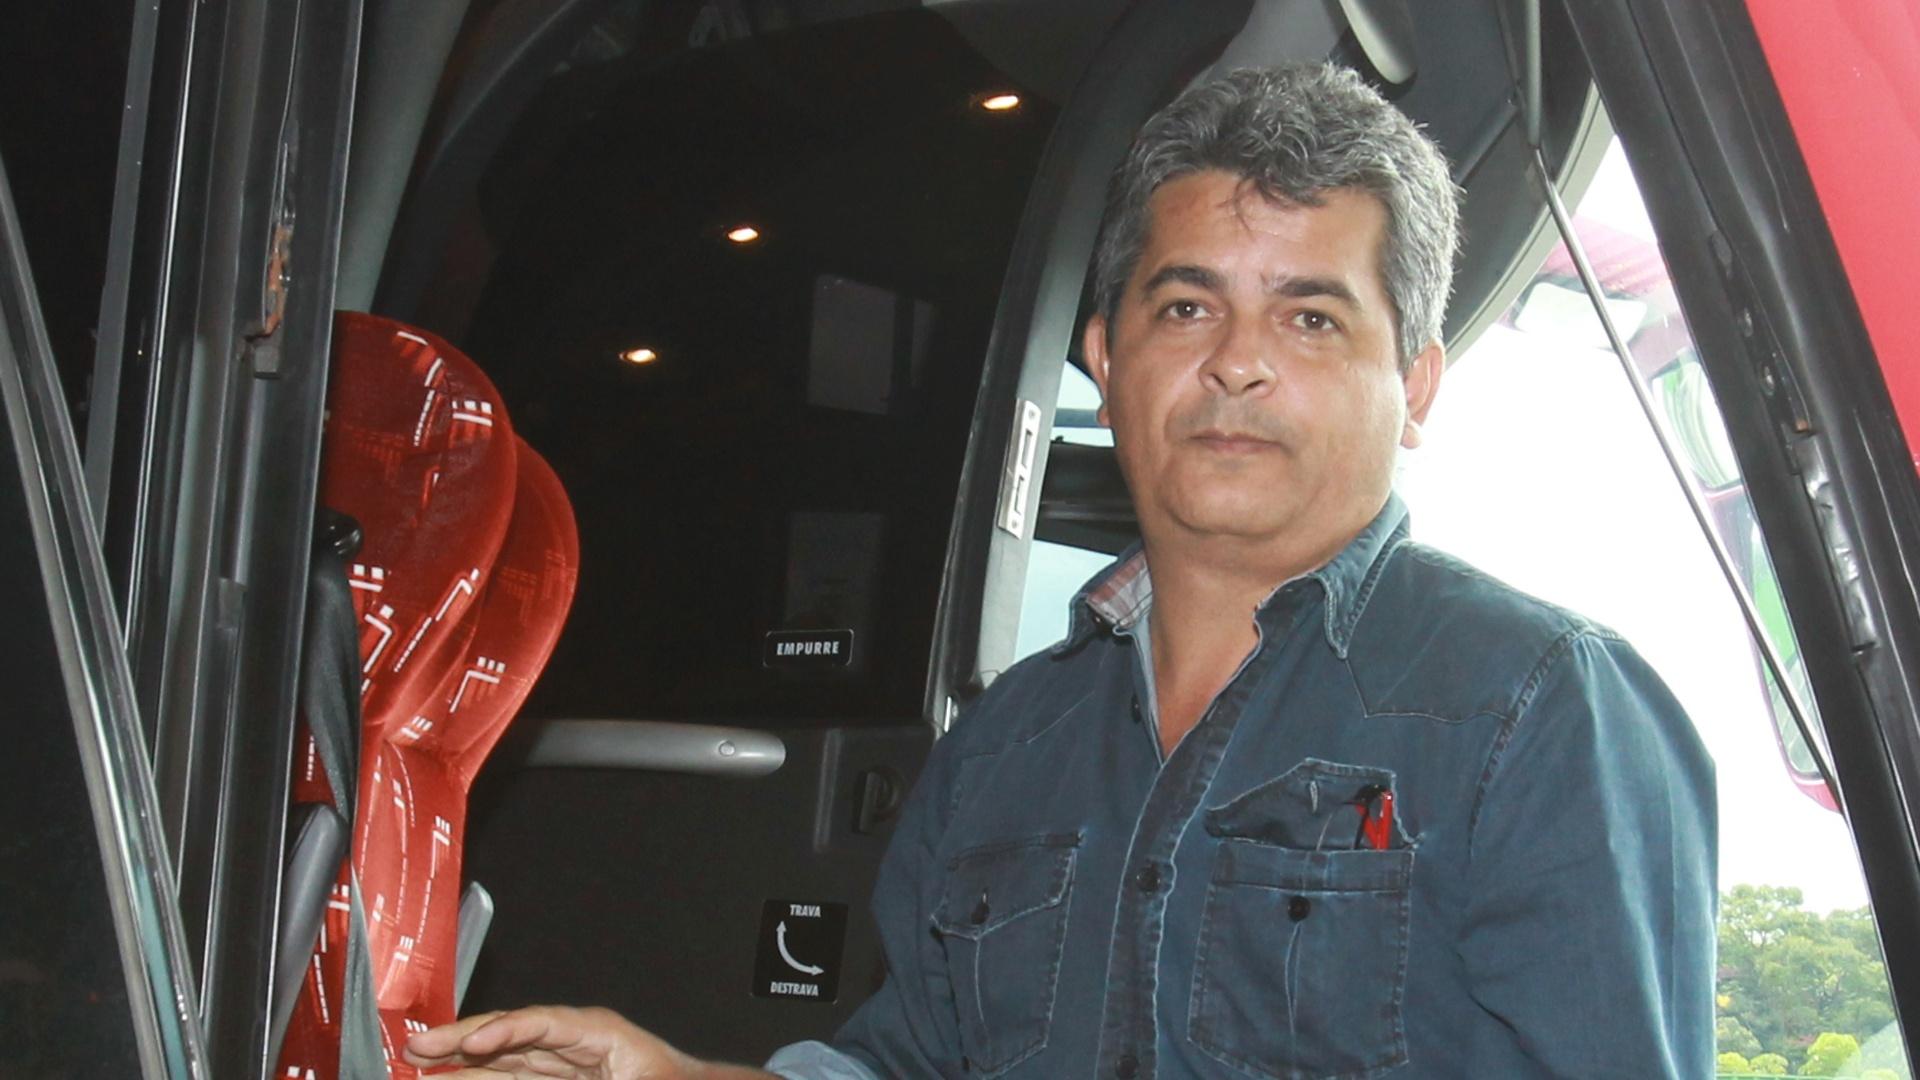 03-04-2013 - Ney Franco, técnico do São Paulo, sai do ônibus para entrar no aeroporto